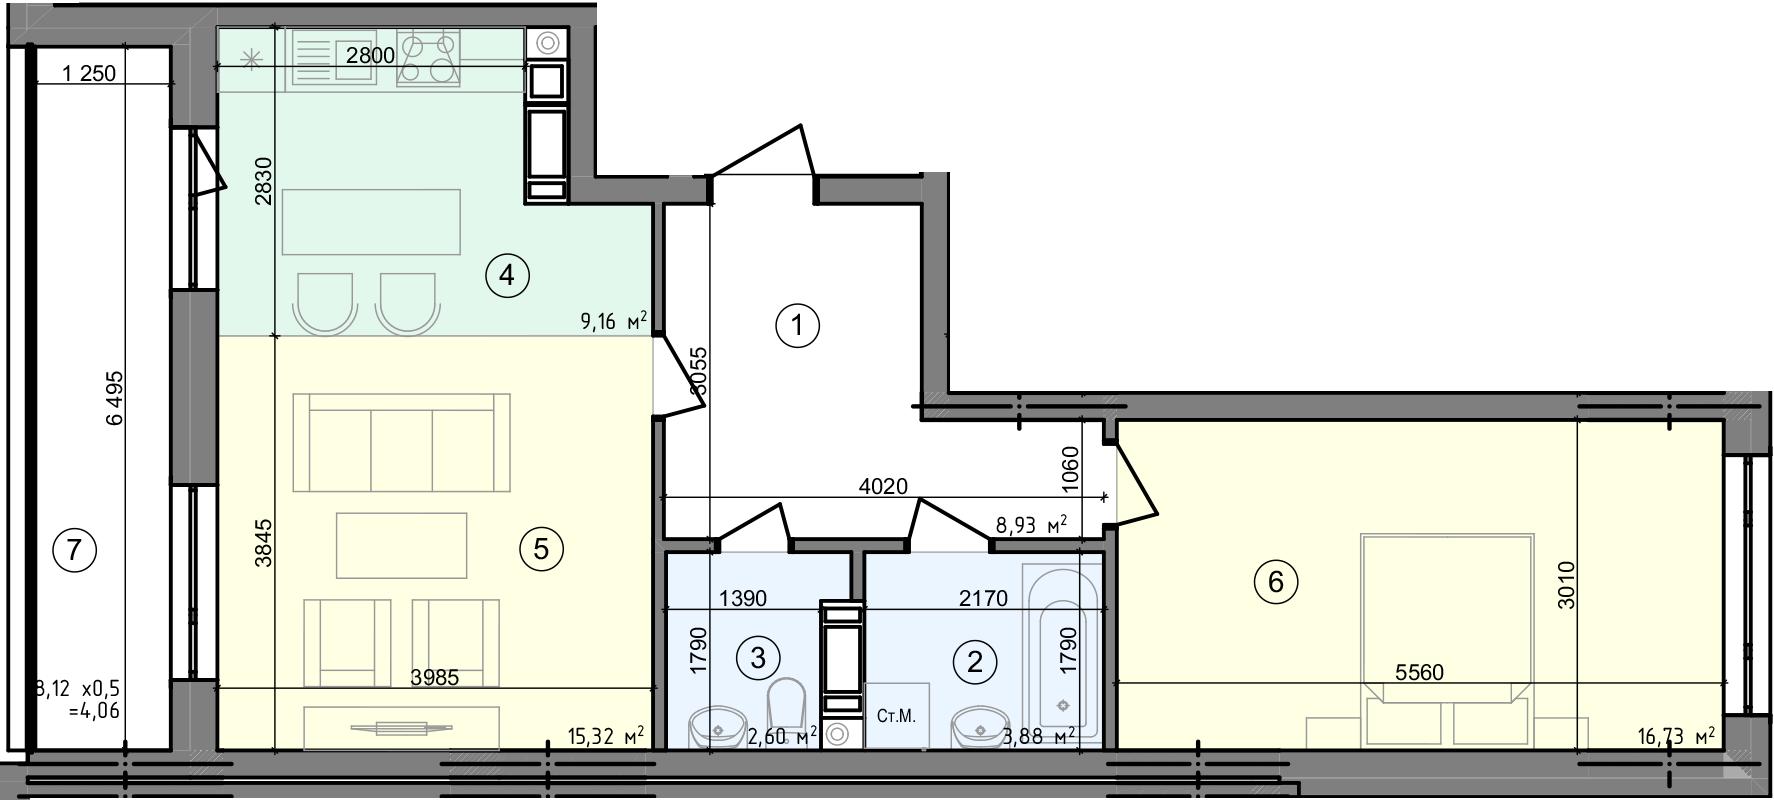 Купити Двокімнатна квартира 60,68 кв.м., тип 2.1, будинок 3, секція 5 в Києві Голосіївський район